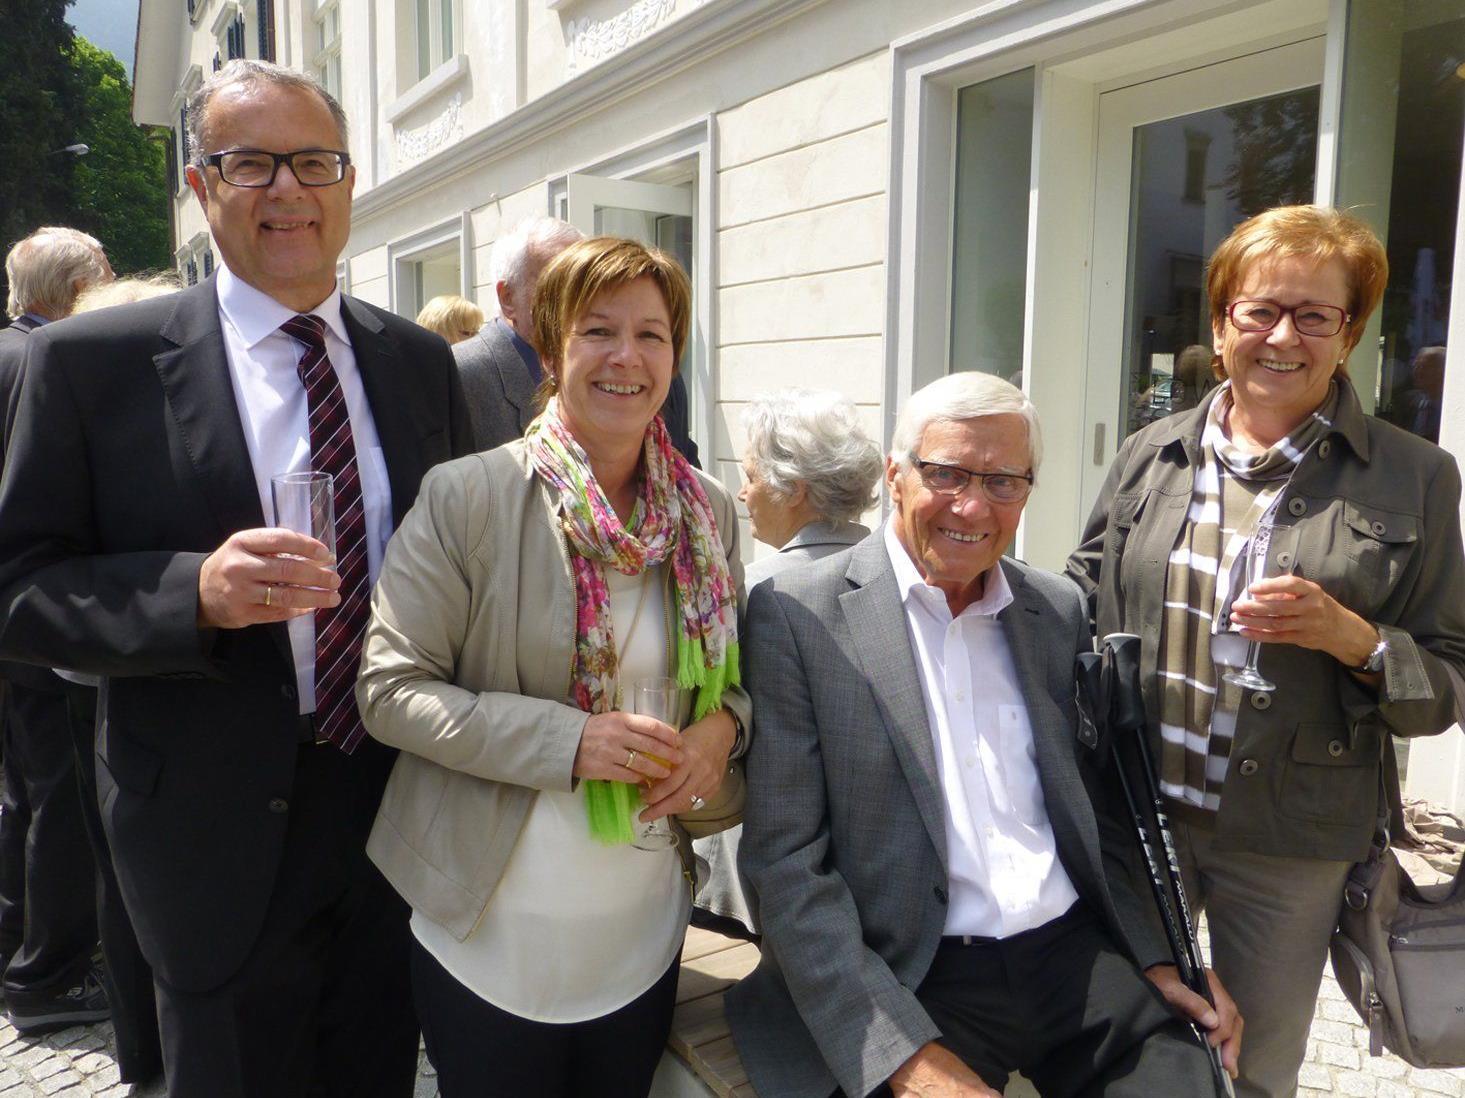 Vize-Bgm. Günter und Hildegund Linder gratulierten Walter und Hildegard Drexel zum Ehejubiläum. (v.l.)